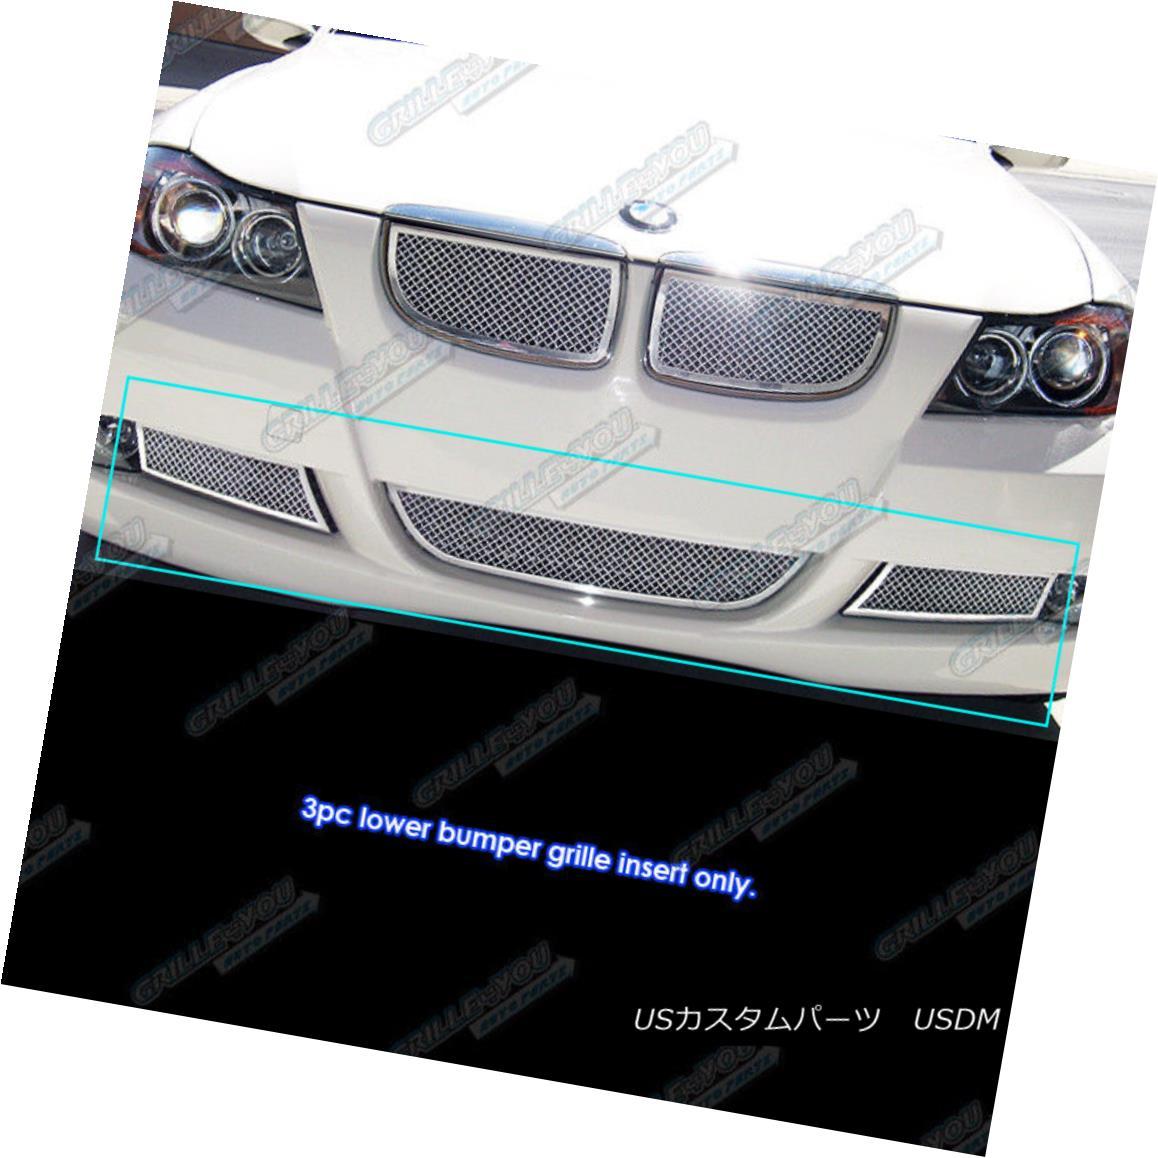 グリル Fits 2006-2007 BMW 325I/330I Bumper Stainless Mesh Grille Insert フィット2006-2007 BMW 325I / 330Iバンパーステンレスメッシュグリルインサート